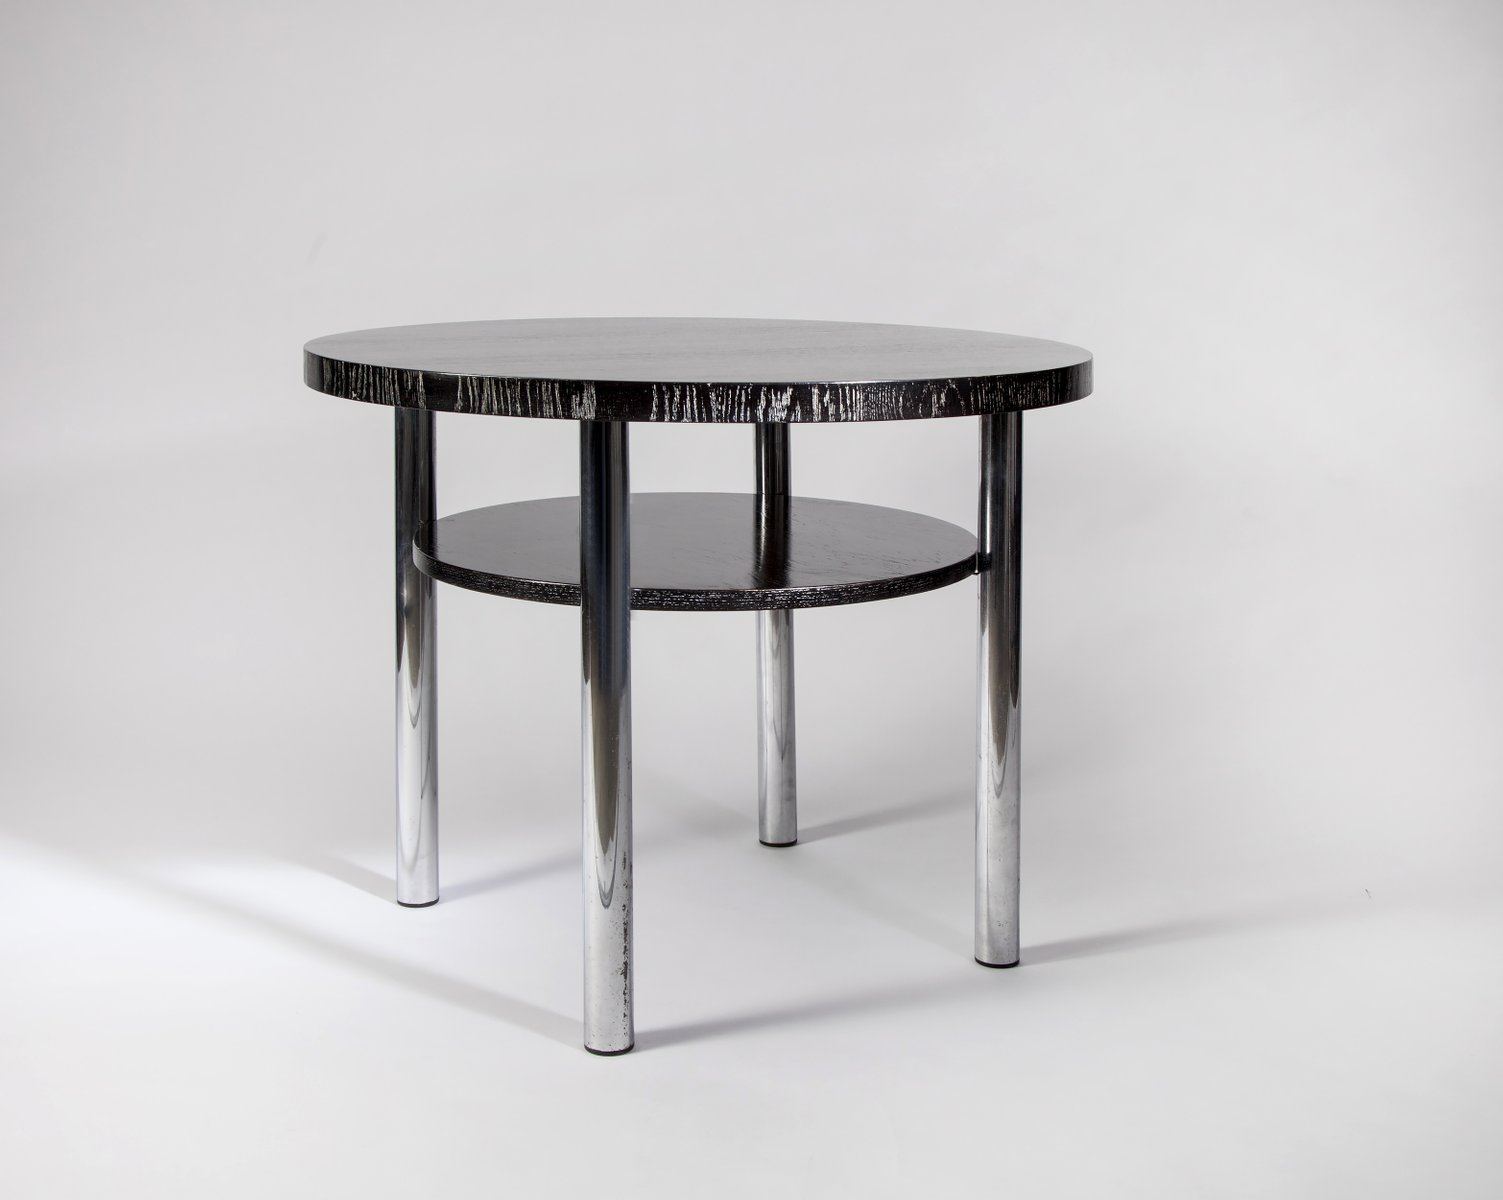 Funktionalistischer vintage tisch bei pamono kaufen for Tisch retro